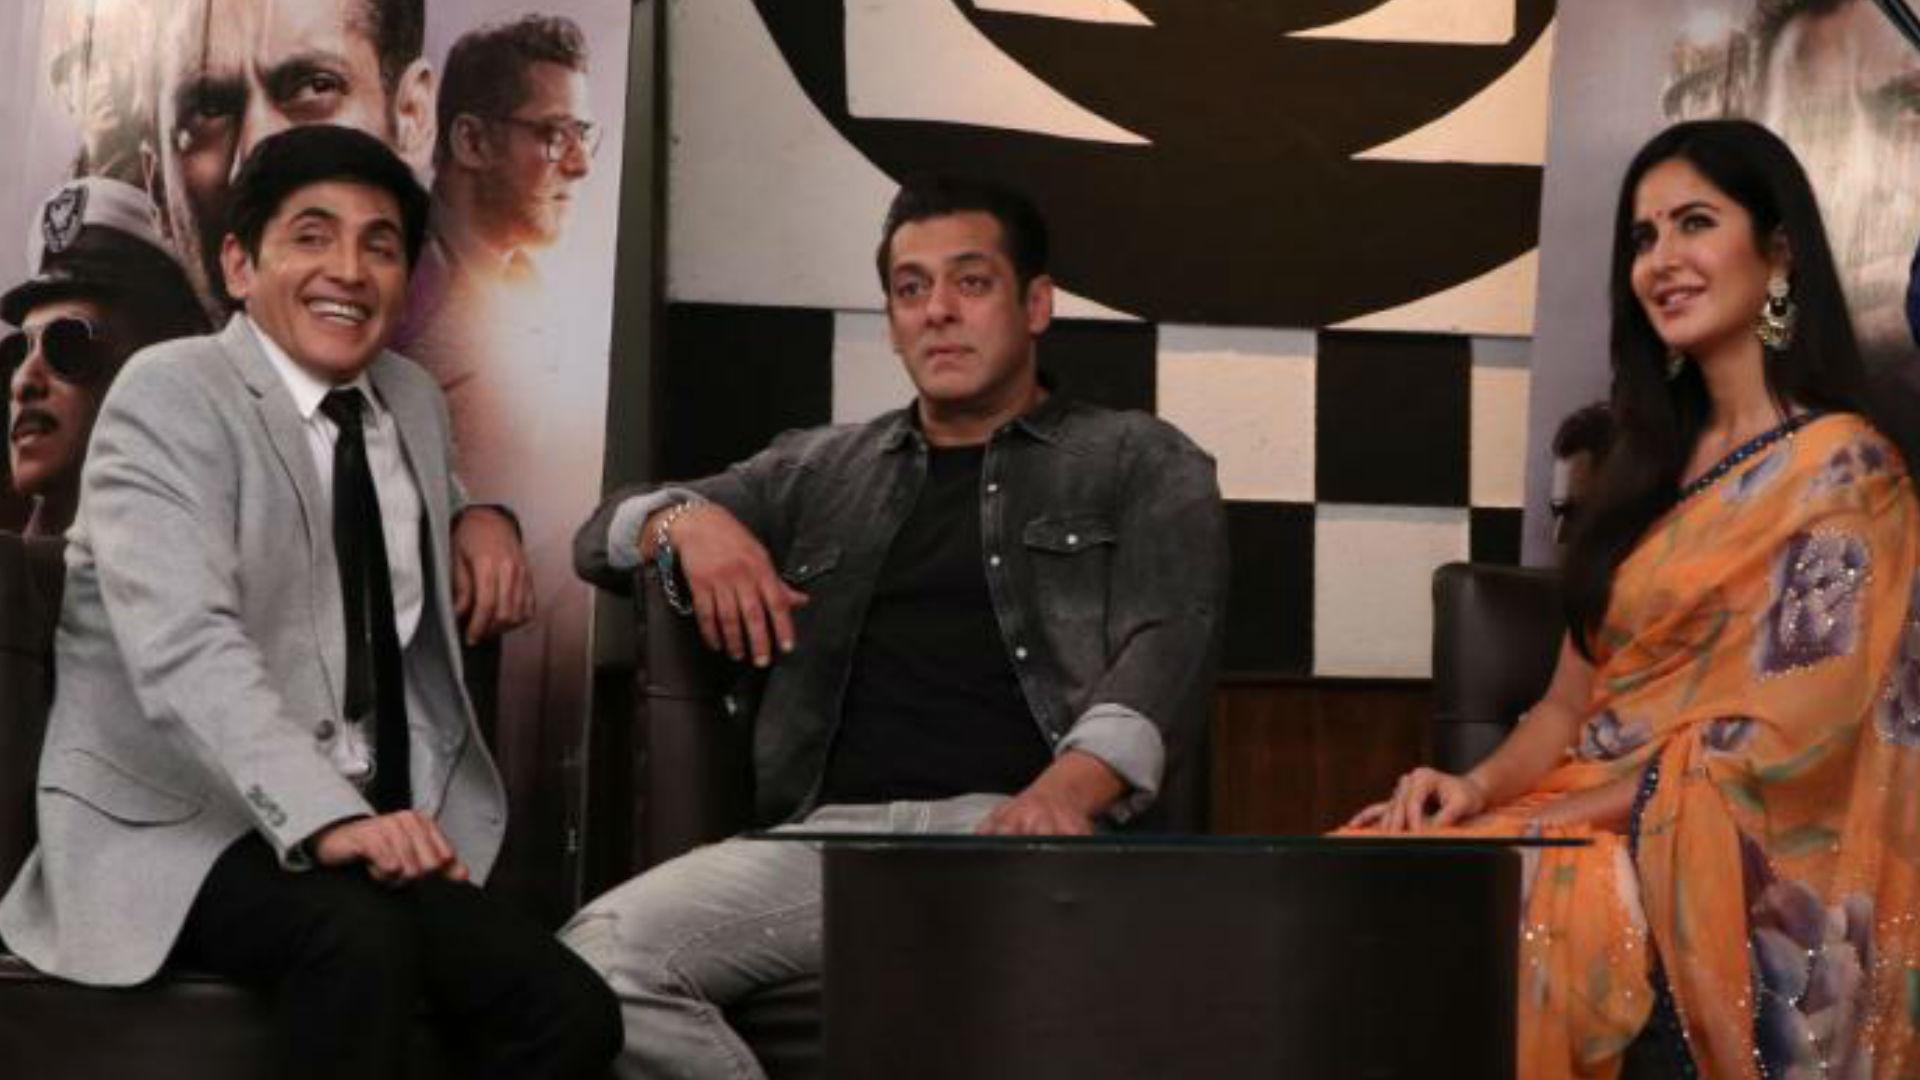 Bhabiji Ghar Par Hain: विभूति नारायण के कहने पर शो में पहुंचे सलमान खान, 12 साल बाद इस फिल्म में आएंगे साथ नजर